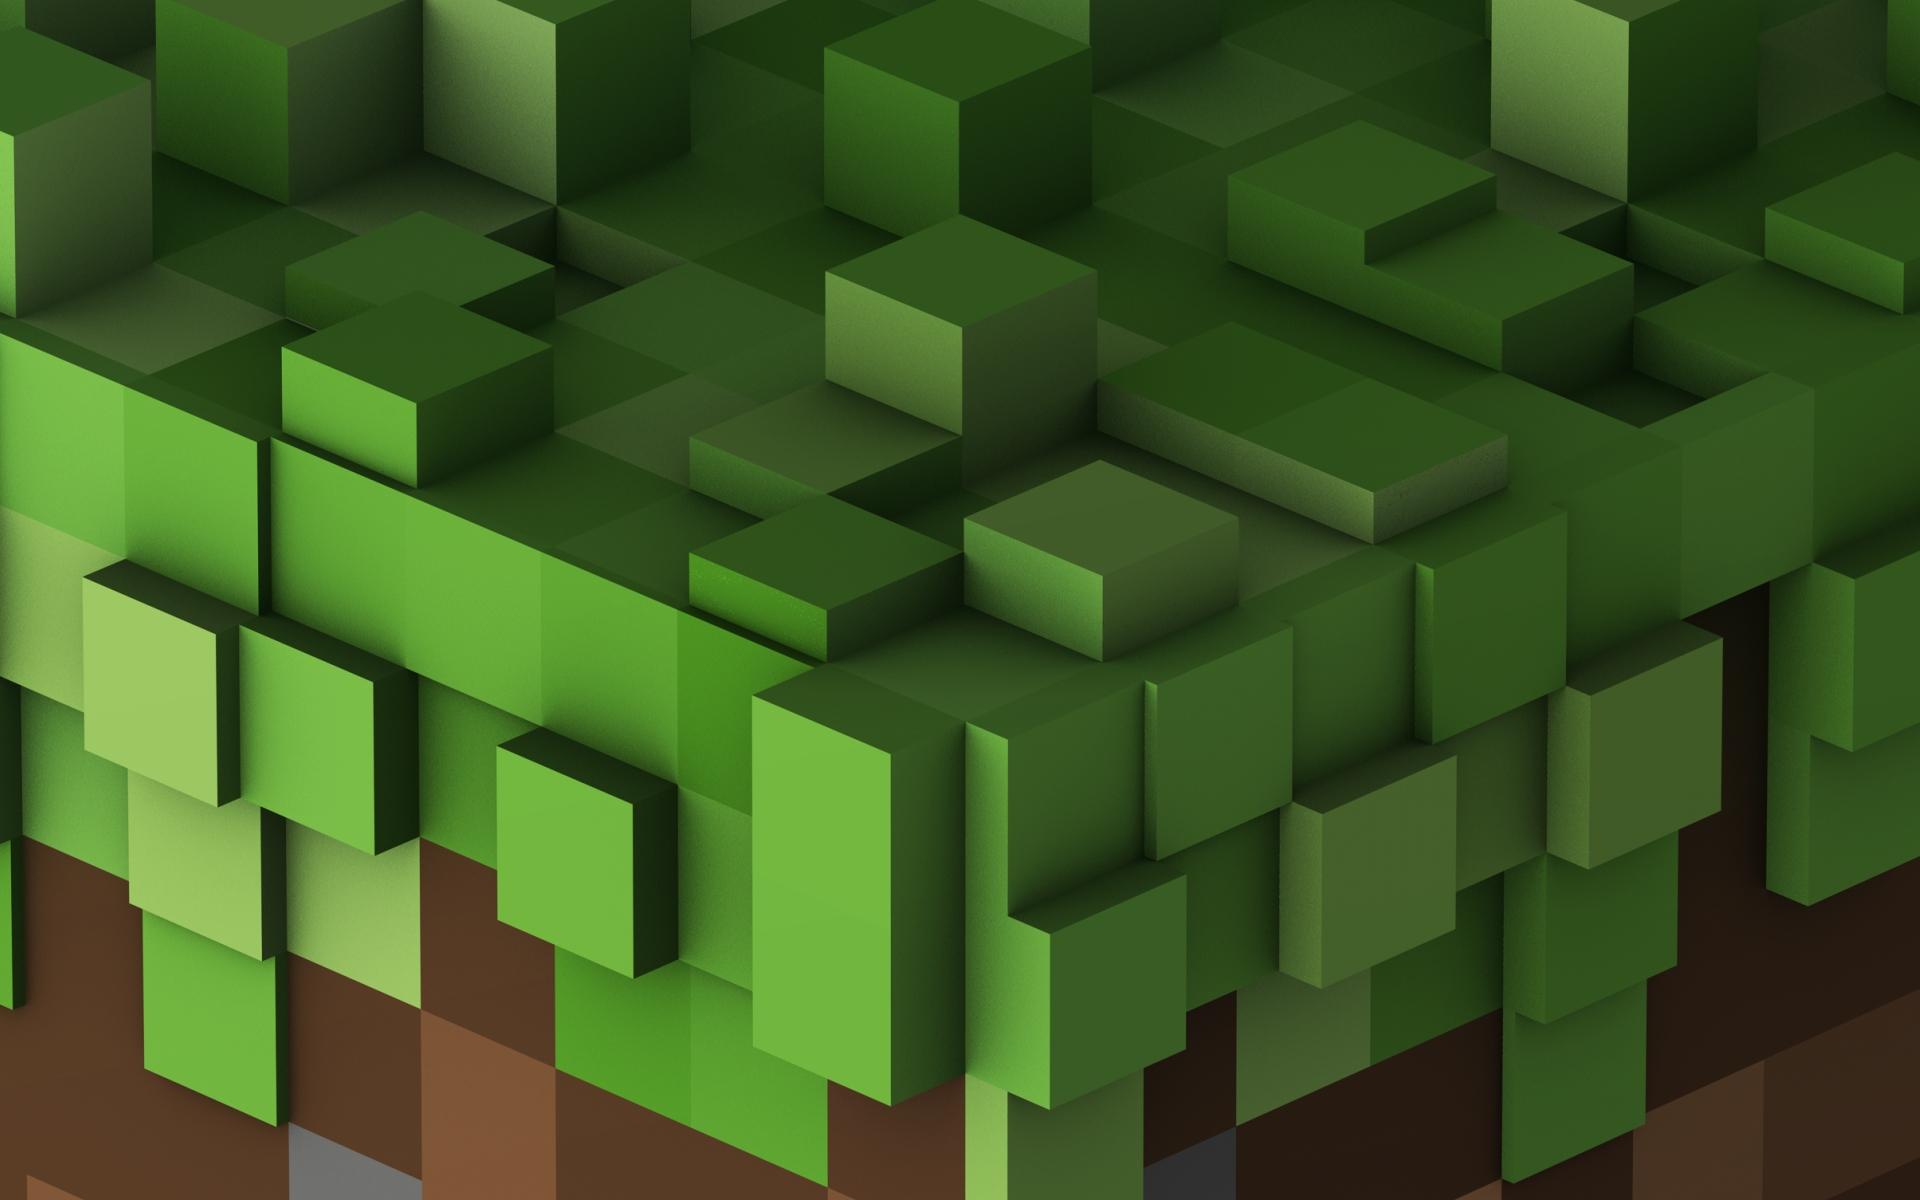 обои Кубики, фигура, абстракция, зеленый картинки фото